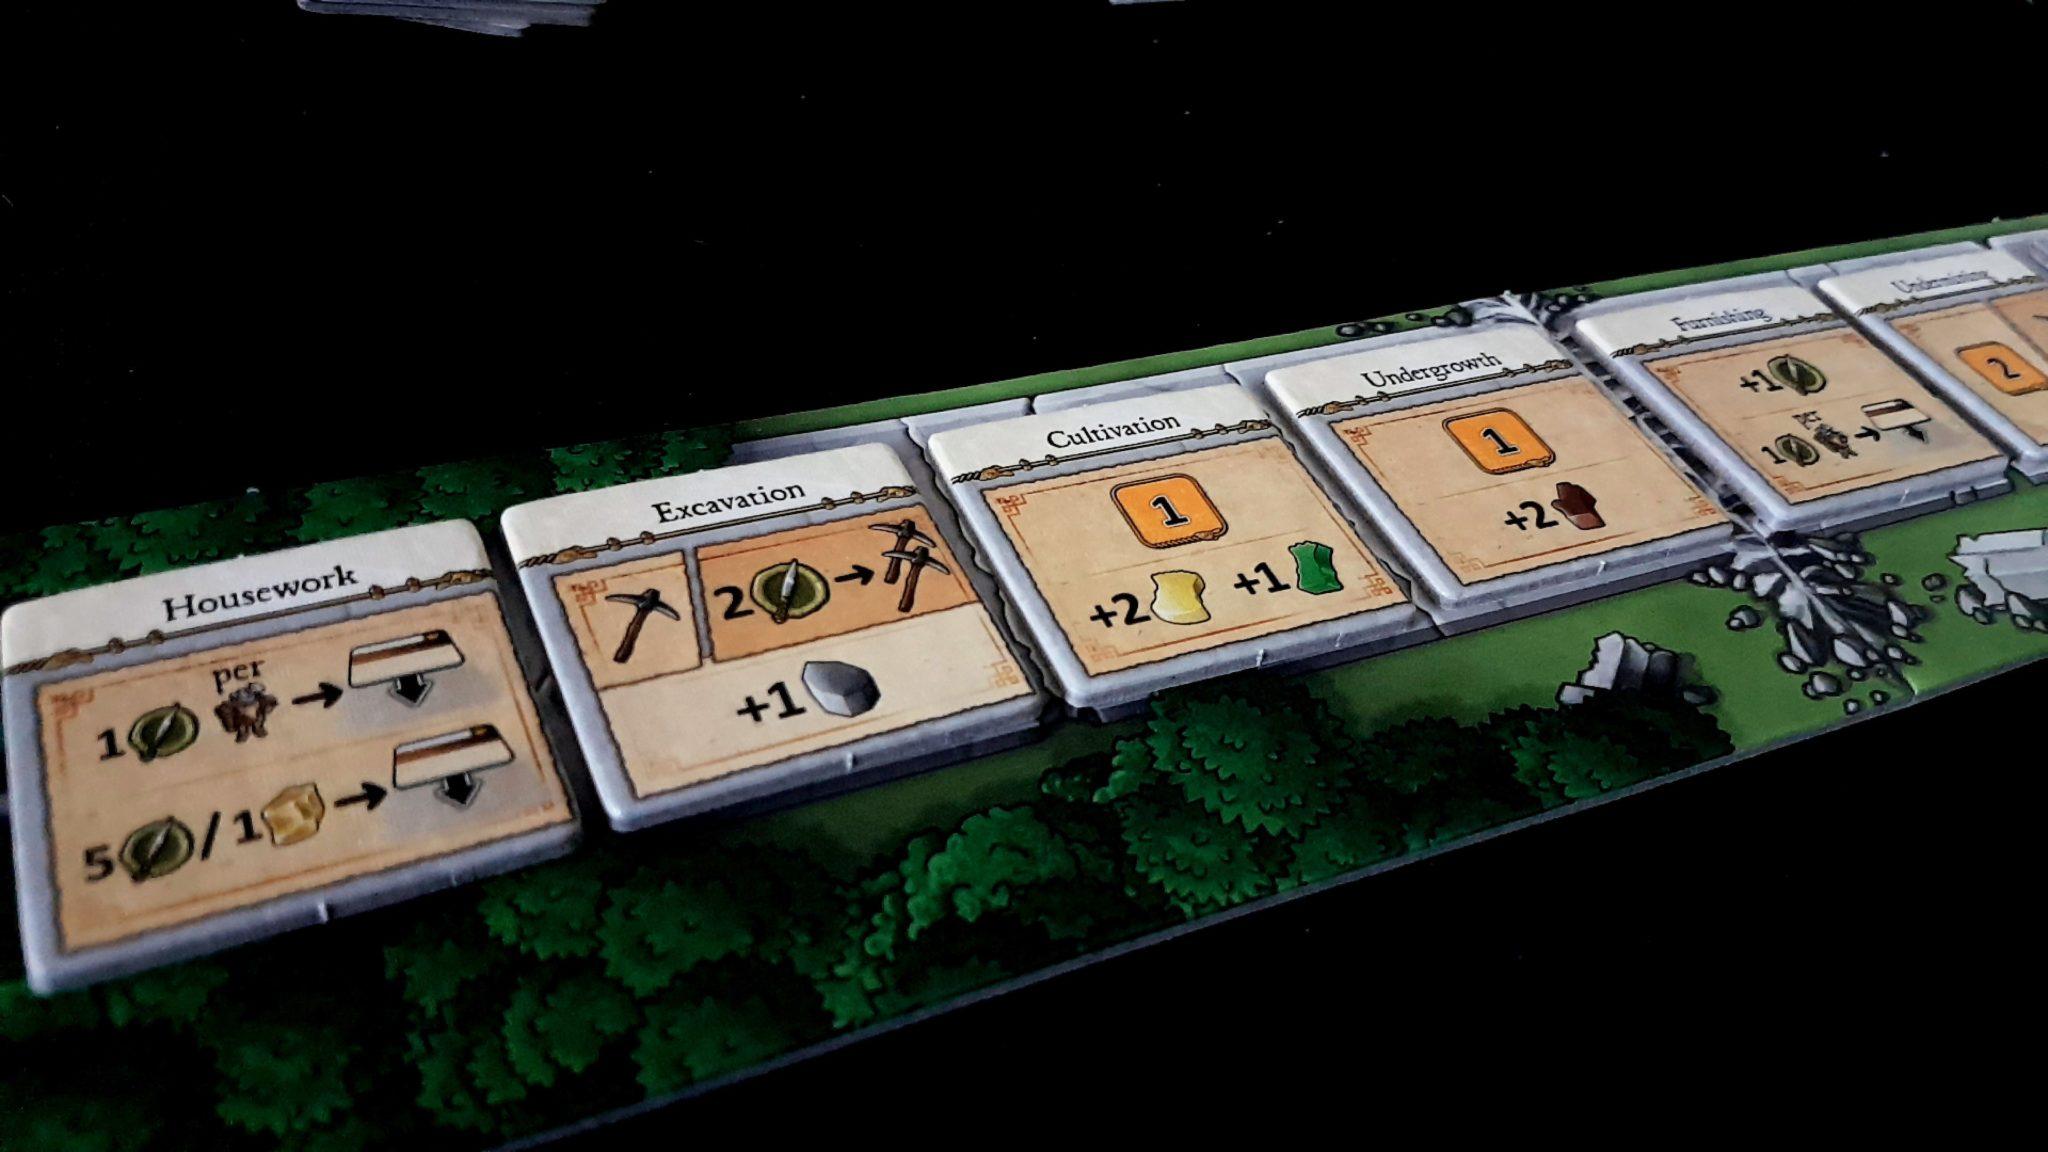 Caverna console board